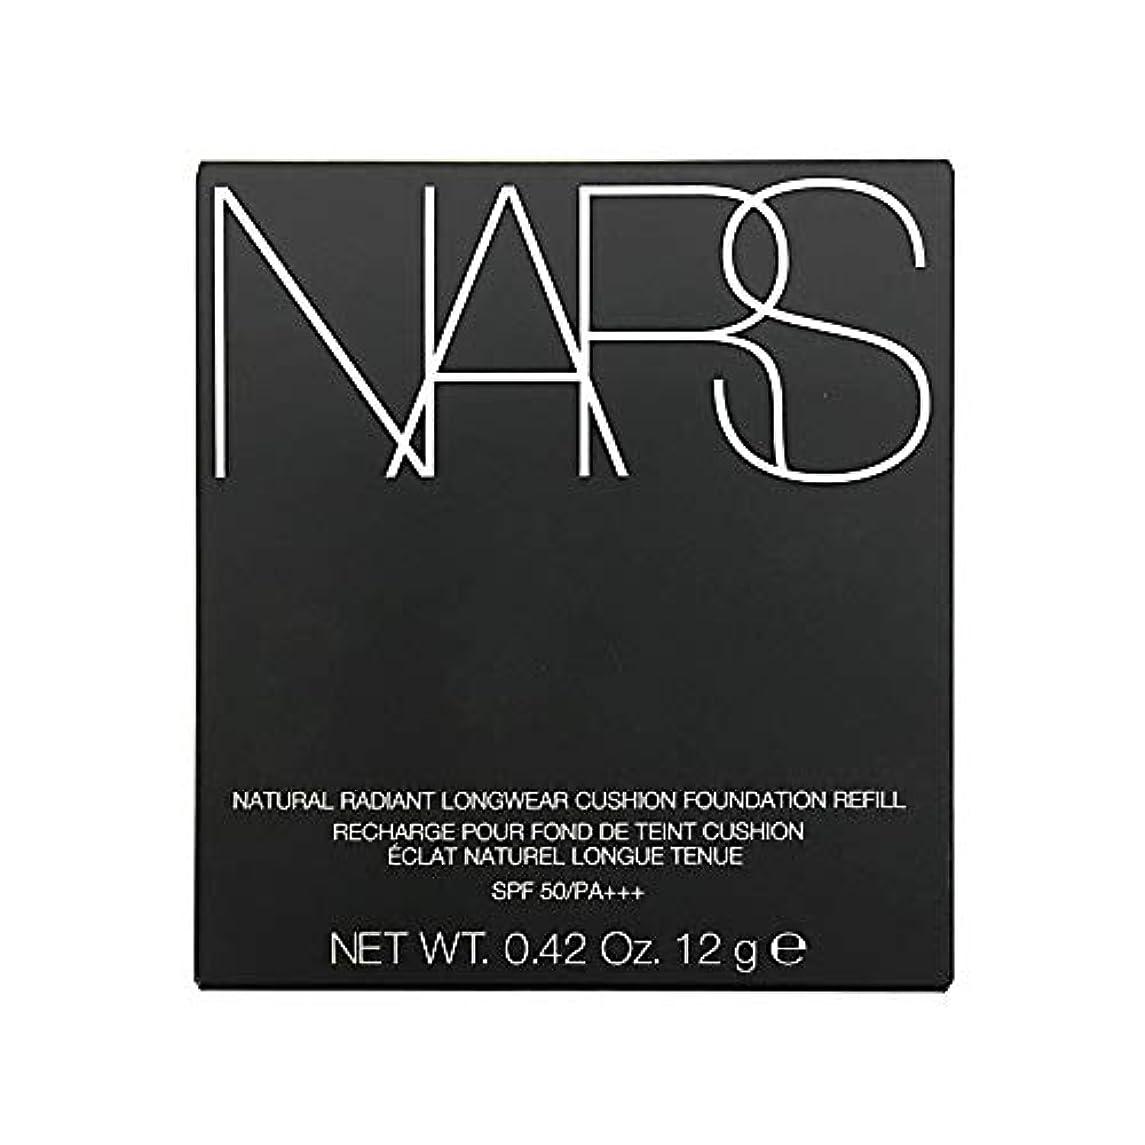 テナント金銭的メディアナーズ/NARS ナチュラルラディアント ロングウェア クッションファンデーション(レフィル)#5877 [ クッションファンデ ] [並行輸入品]